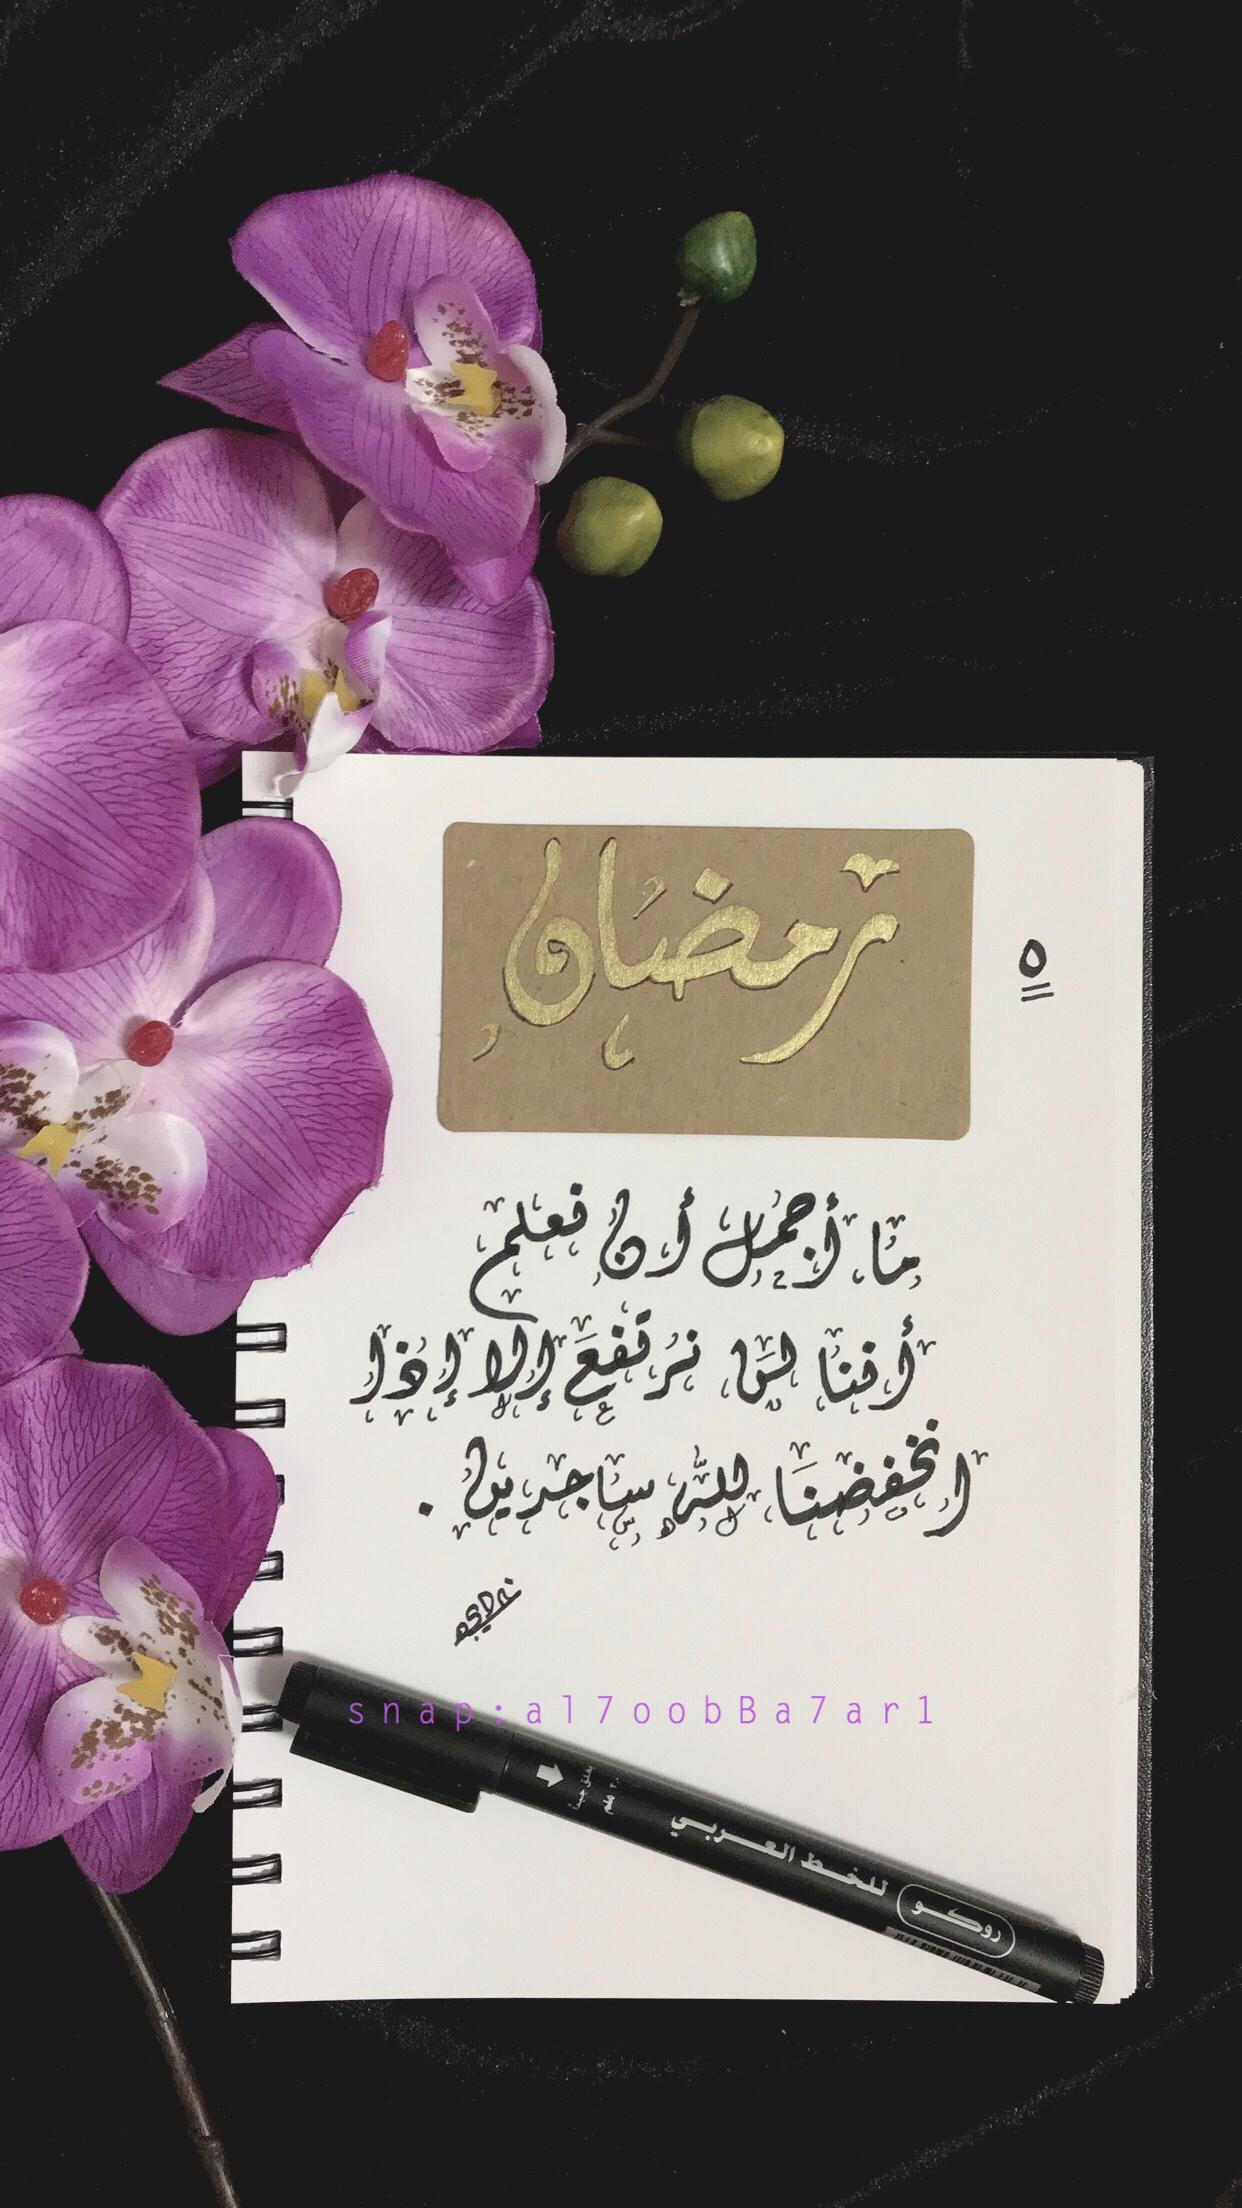 ٥ رمضان ما أجمل أن نعلم أننا لن نرتفع إلا إذا انخفضنا لله ساجدين خطي الخط العربي الخط الديوان Islamic Pictures Ramadan Kareem Ramadan